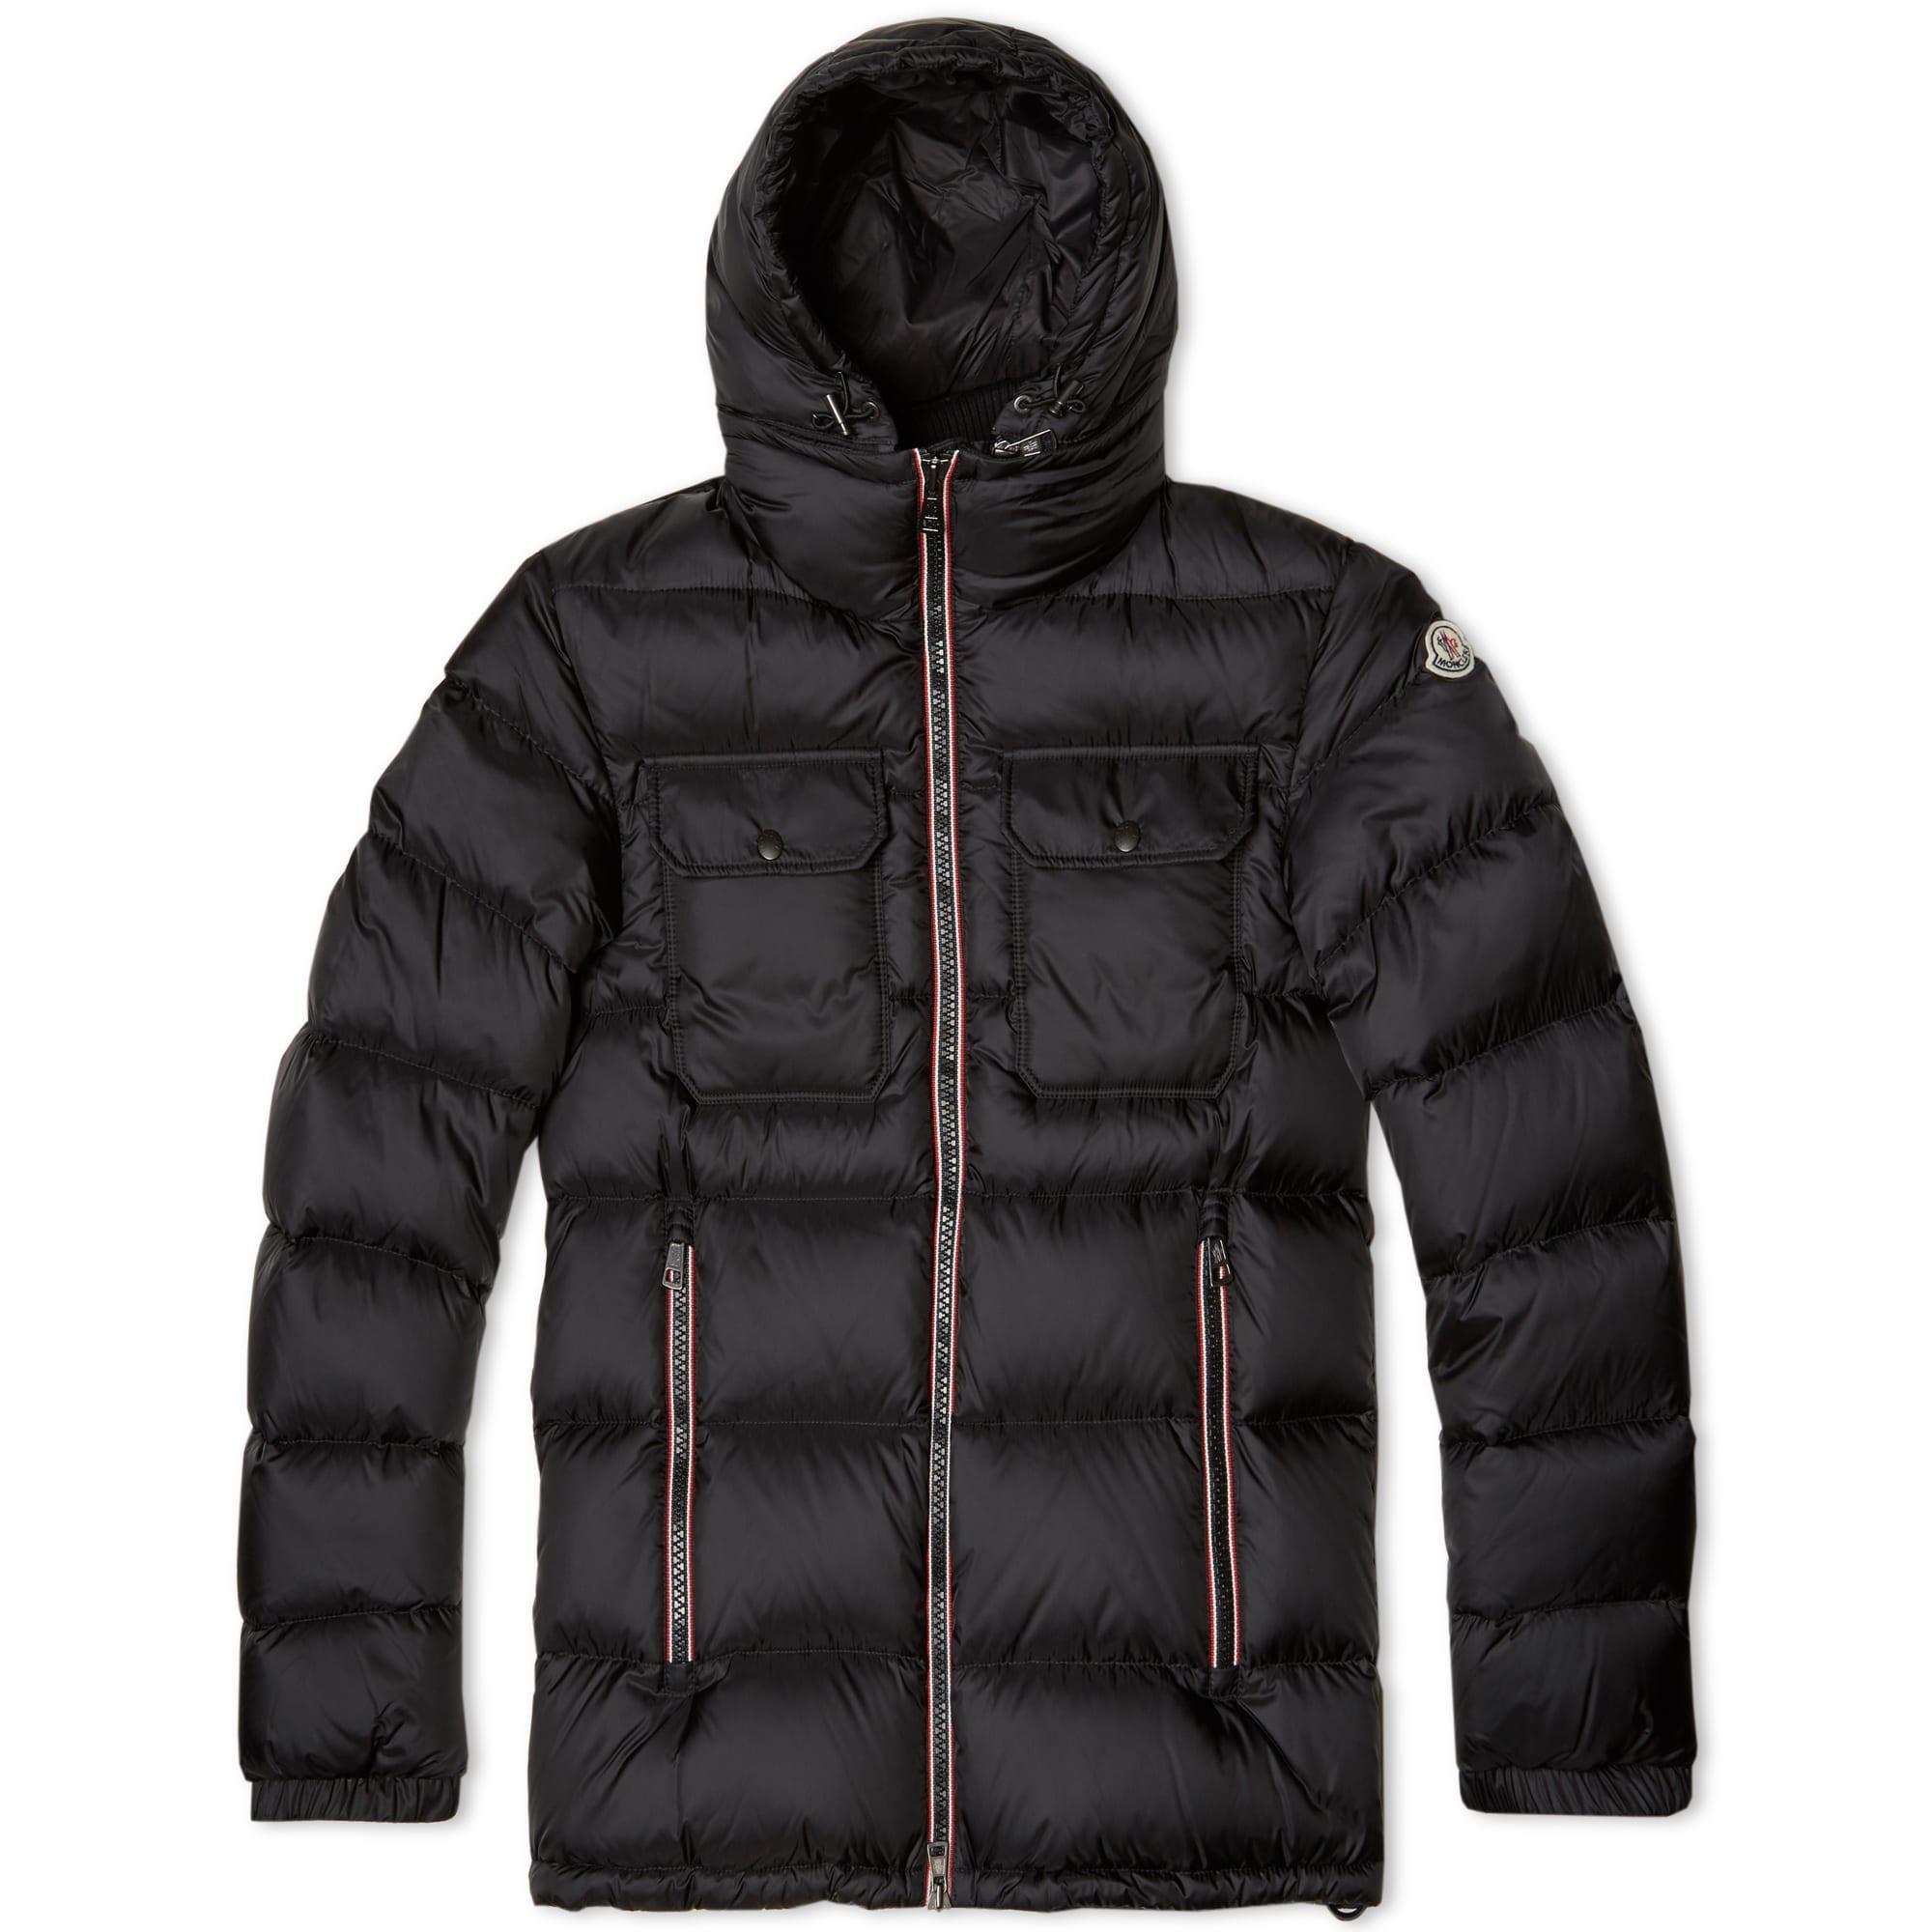 834c868a2 Moncler Demar Jacket